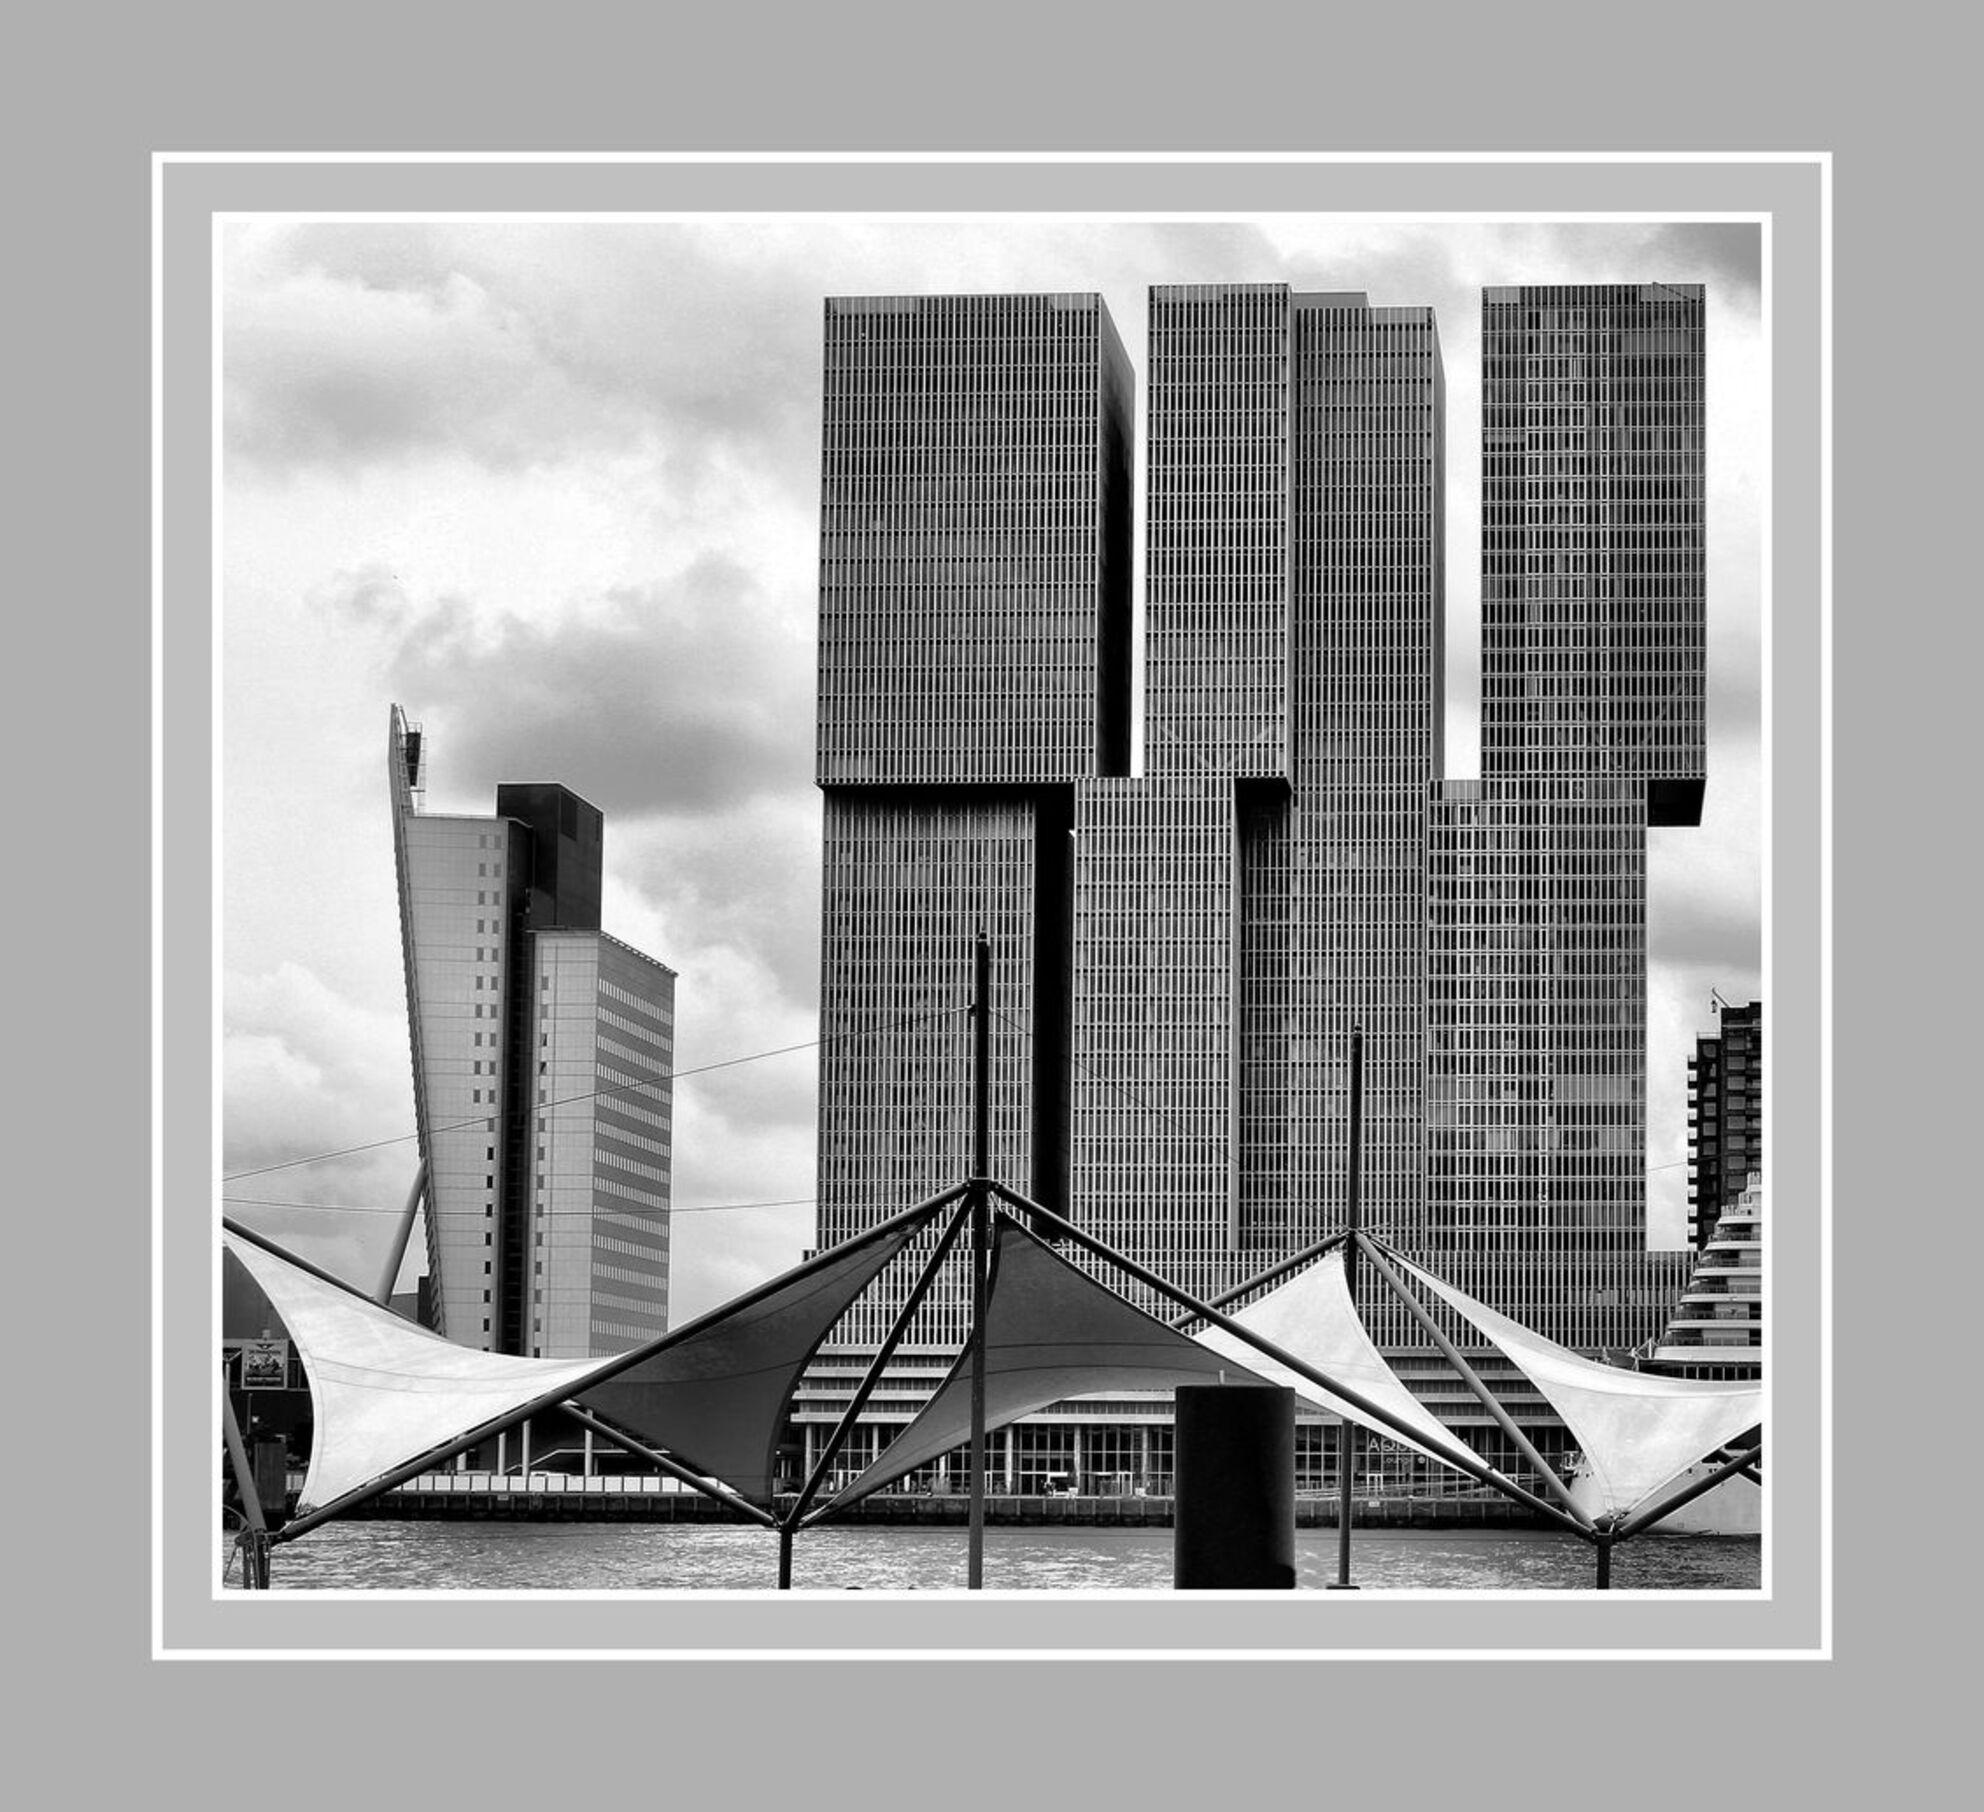 Rotterdam - - - foto door jelle13 op 17-02-2021 - deze foto bevat: bewerkt, silhouet, bewerking, zwartwit, contrast, tonemapping, paint shop pro - Deze foto mag gebruikt worden in een Zoom.nl publicatie